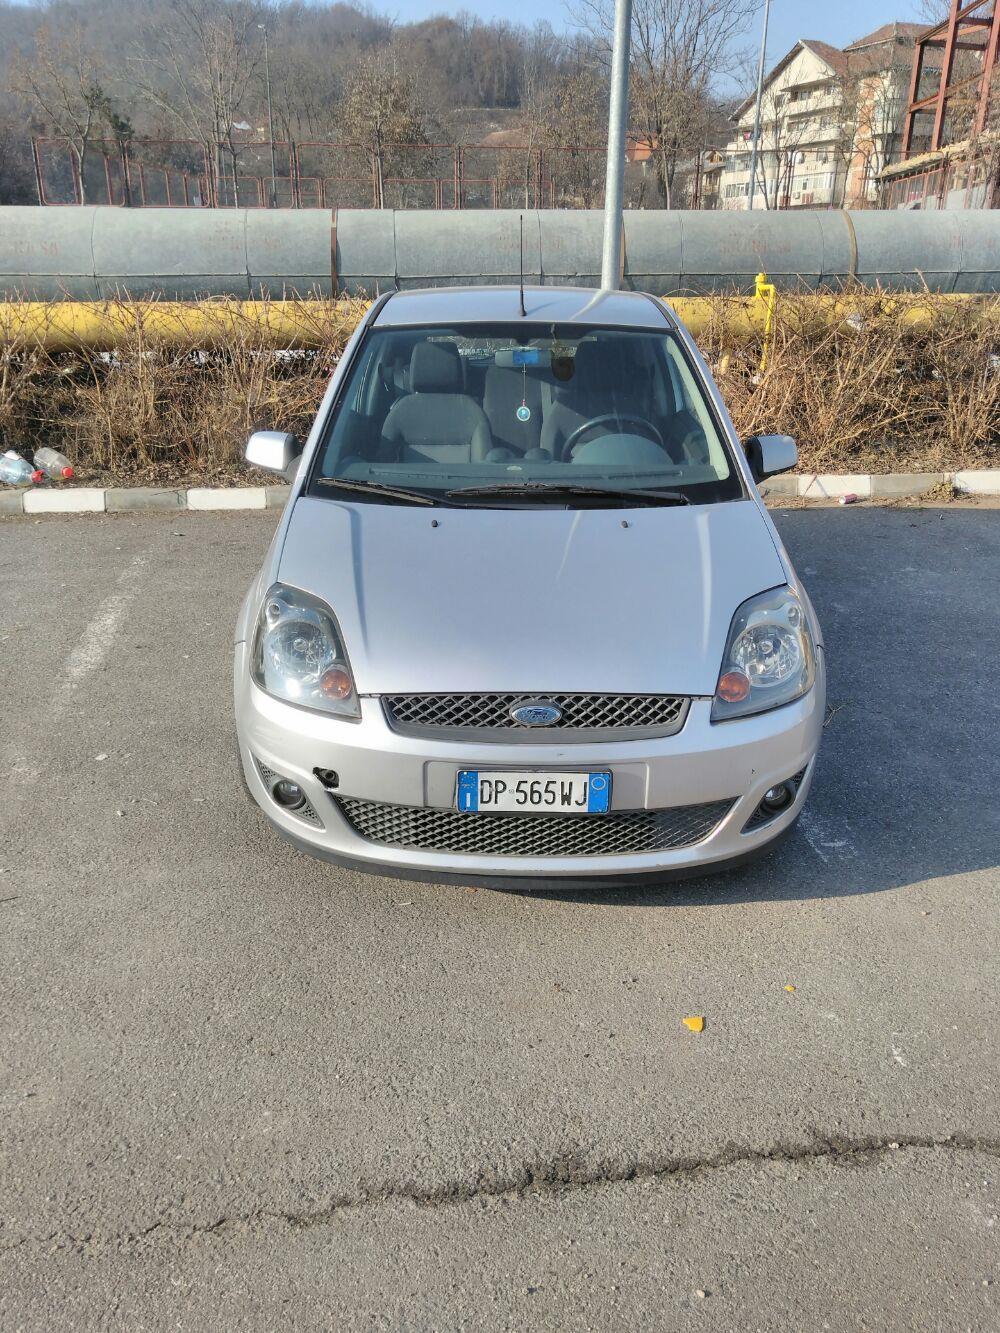 Ford Fiesta 1.4 tdi an 2008 Rar făcut